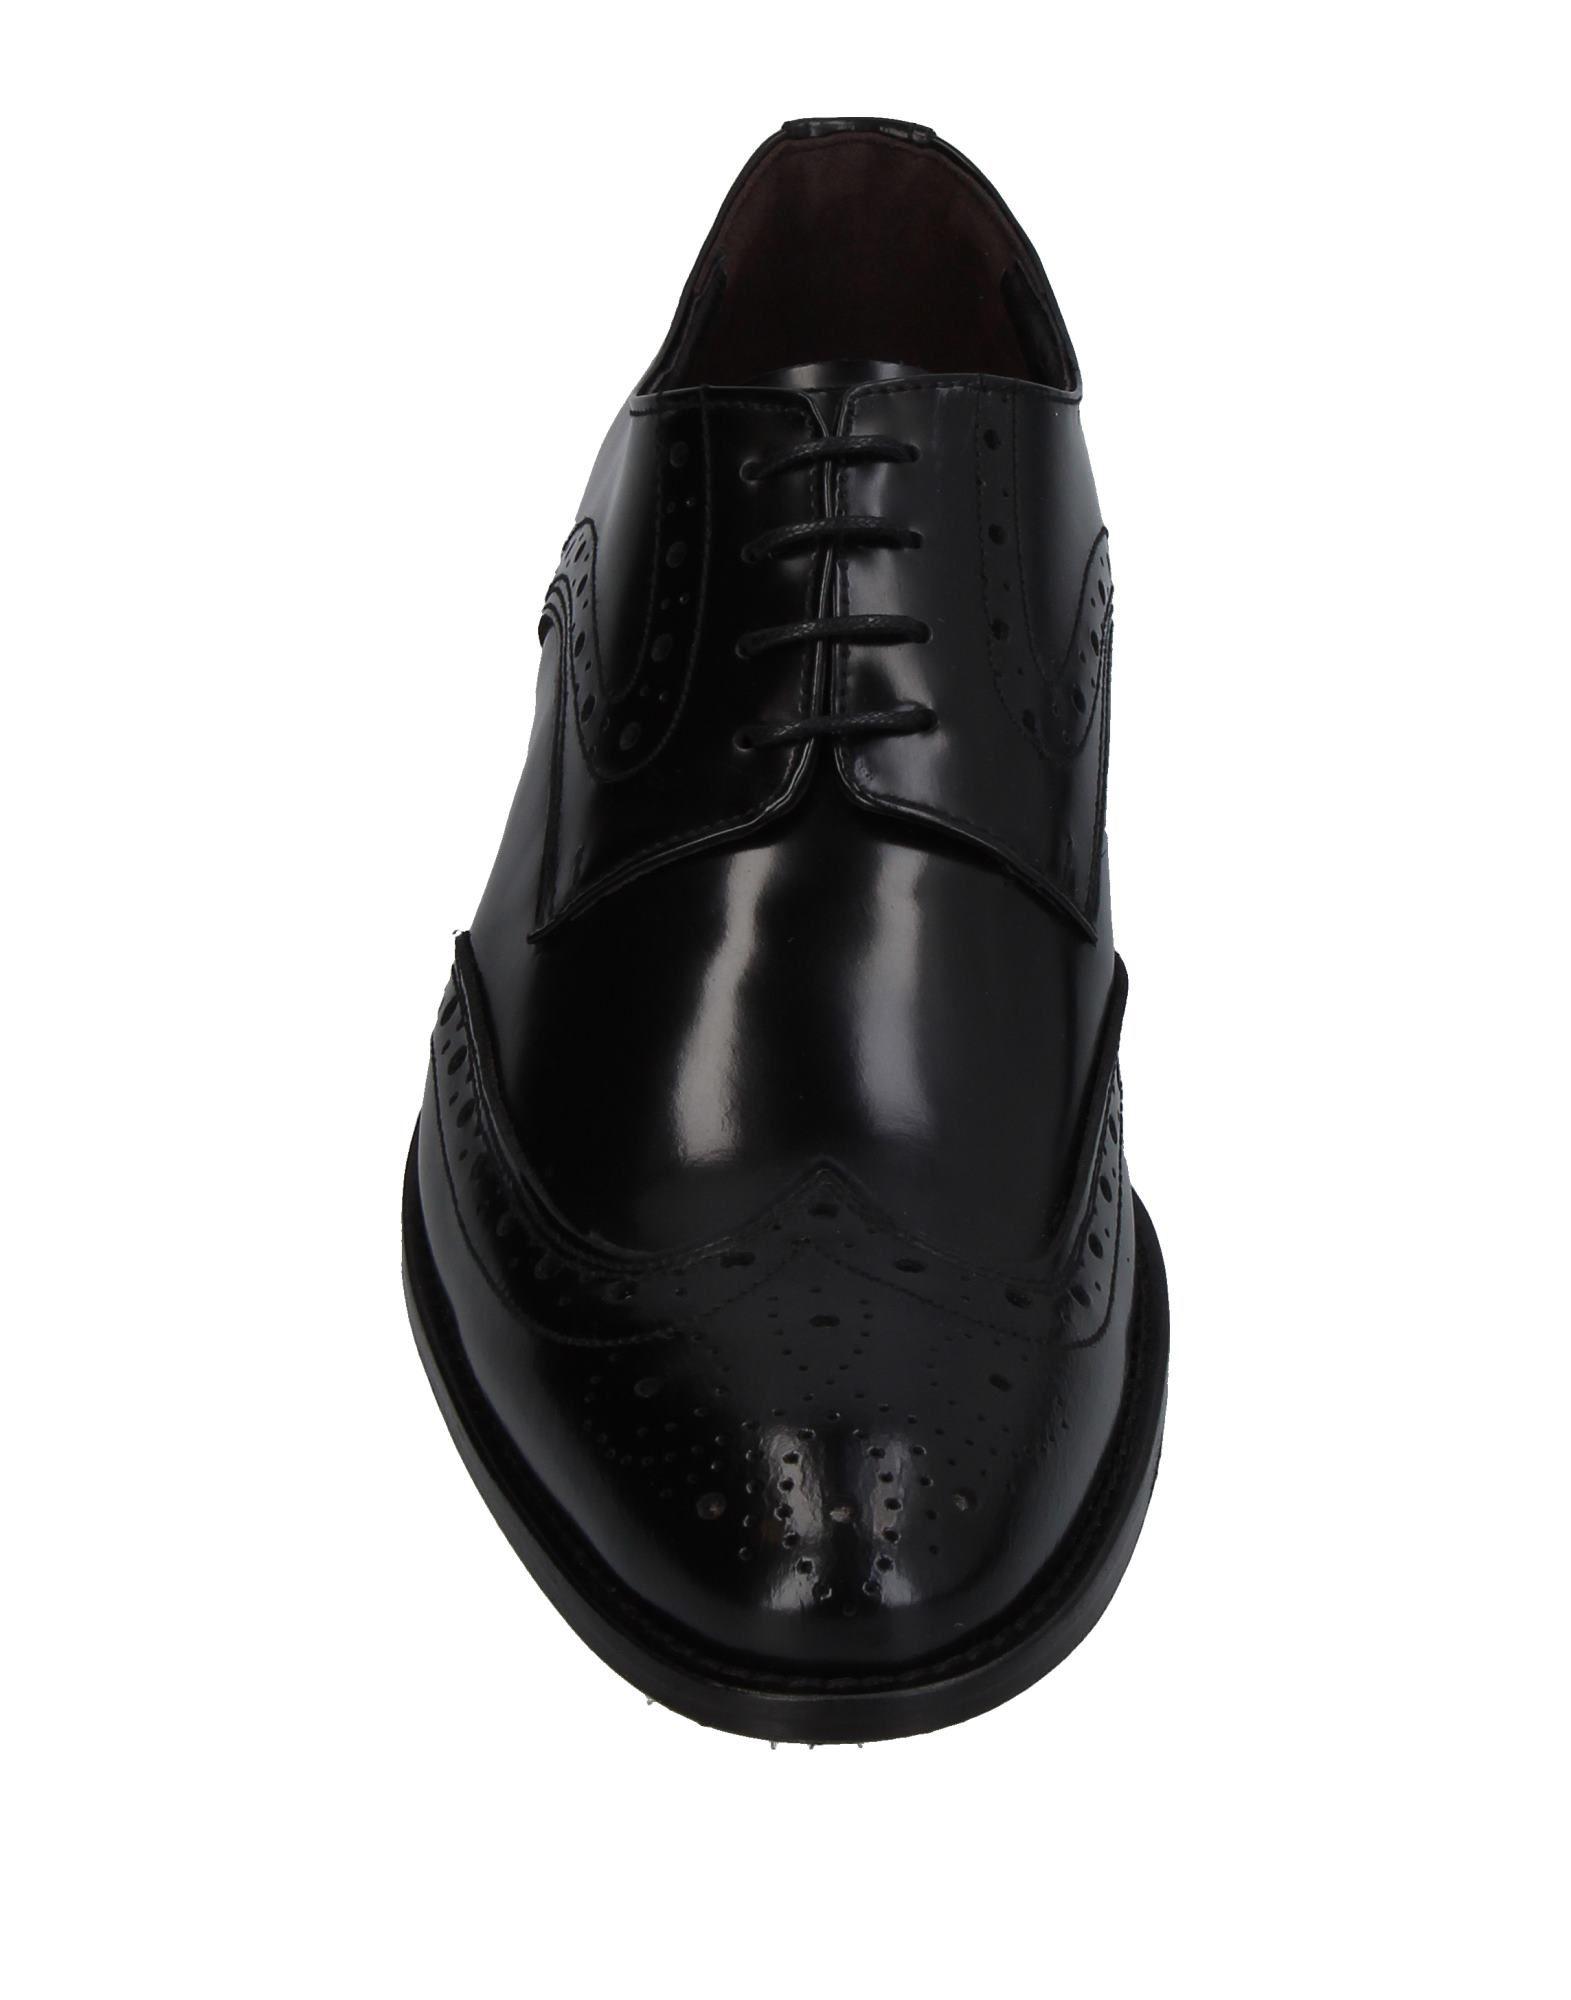 Rabatt Herren echte Schuhe Brawn's Schnürschuhe Herren Rabatt  11411596IJ 394e22